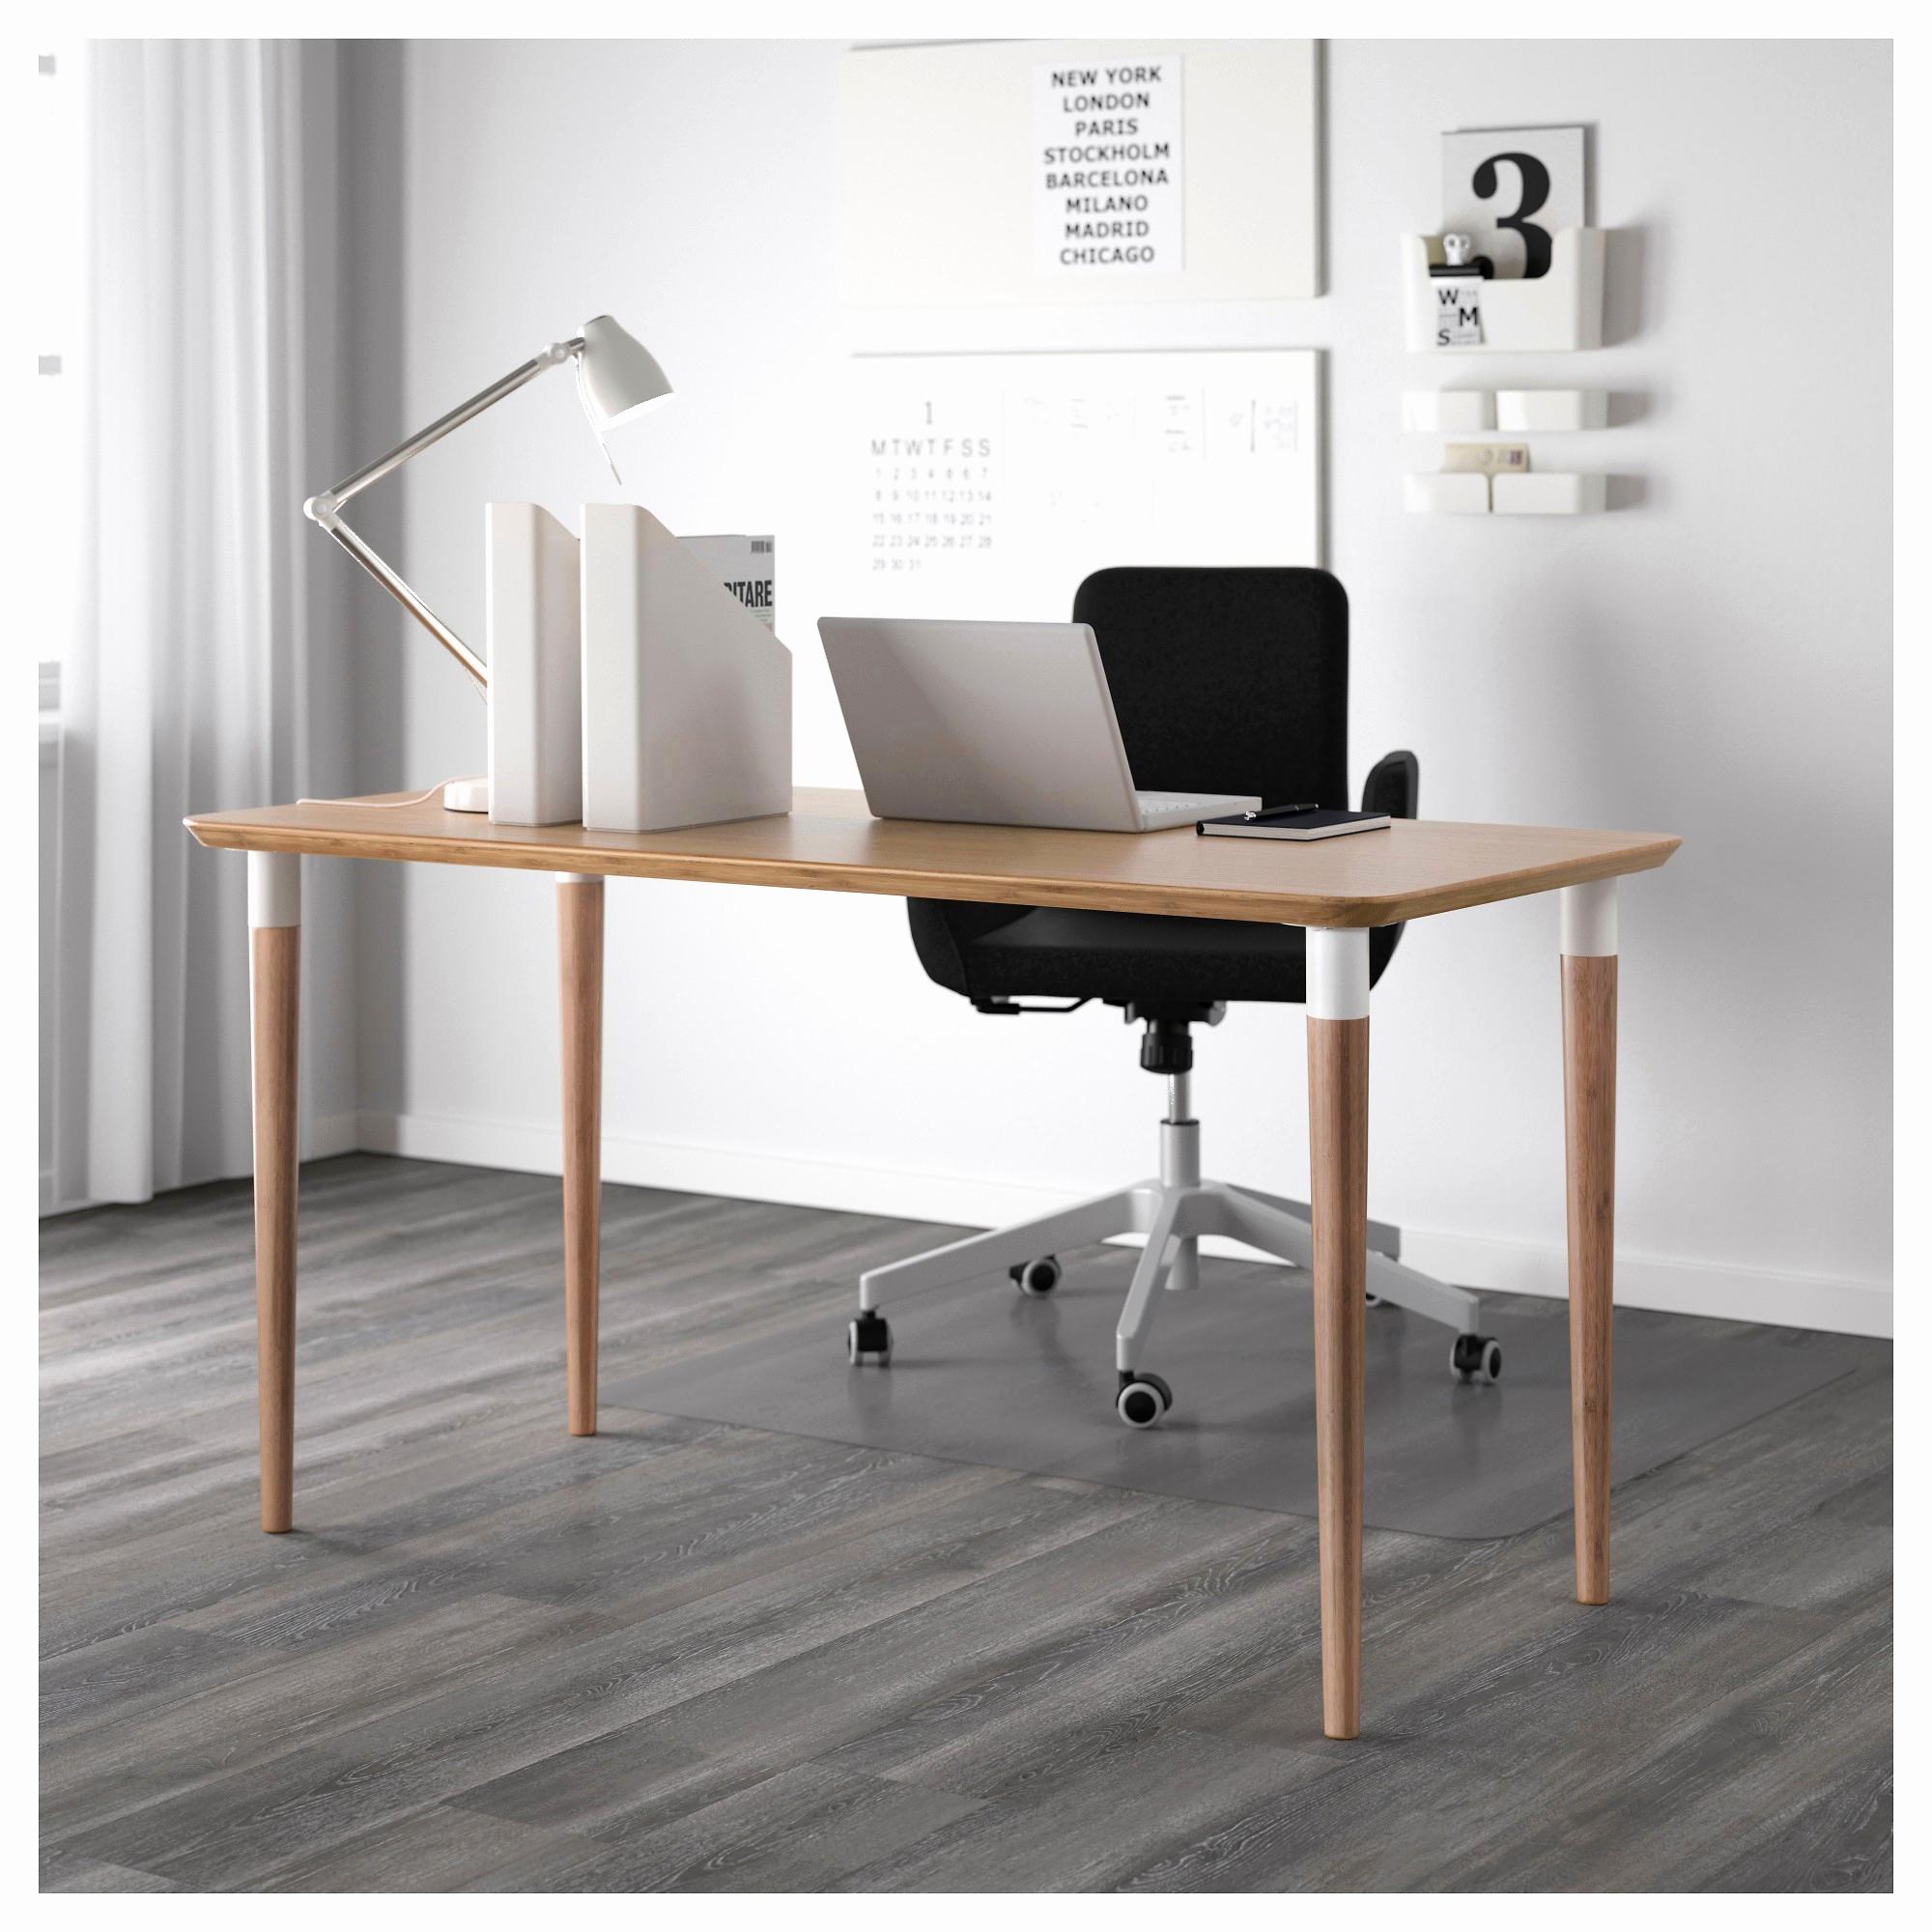 fauteuil oeuf ikea lgant unique housse incroyable pas cher fauteuil oeuf ikea elegant chaise bureau beau salon fresh fauteil 0d of